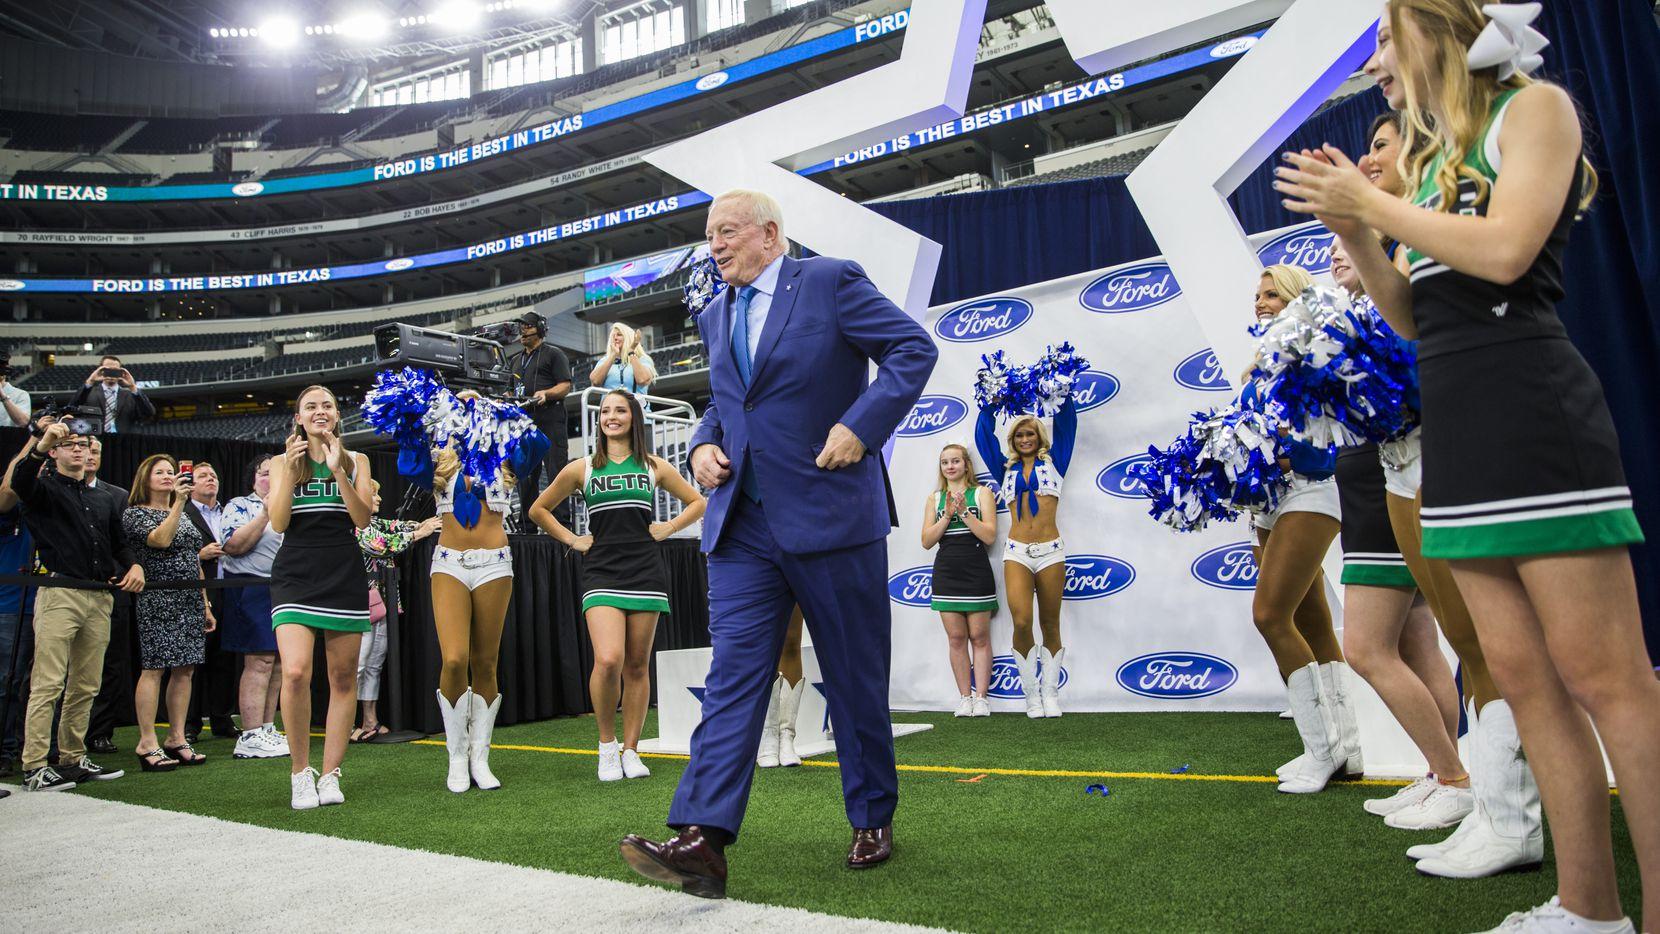 Los Dallas Cowboys de Jerry Jones tienen 23 años sin ganar un trofeo Lombardi.